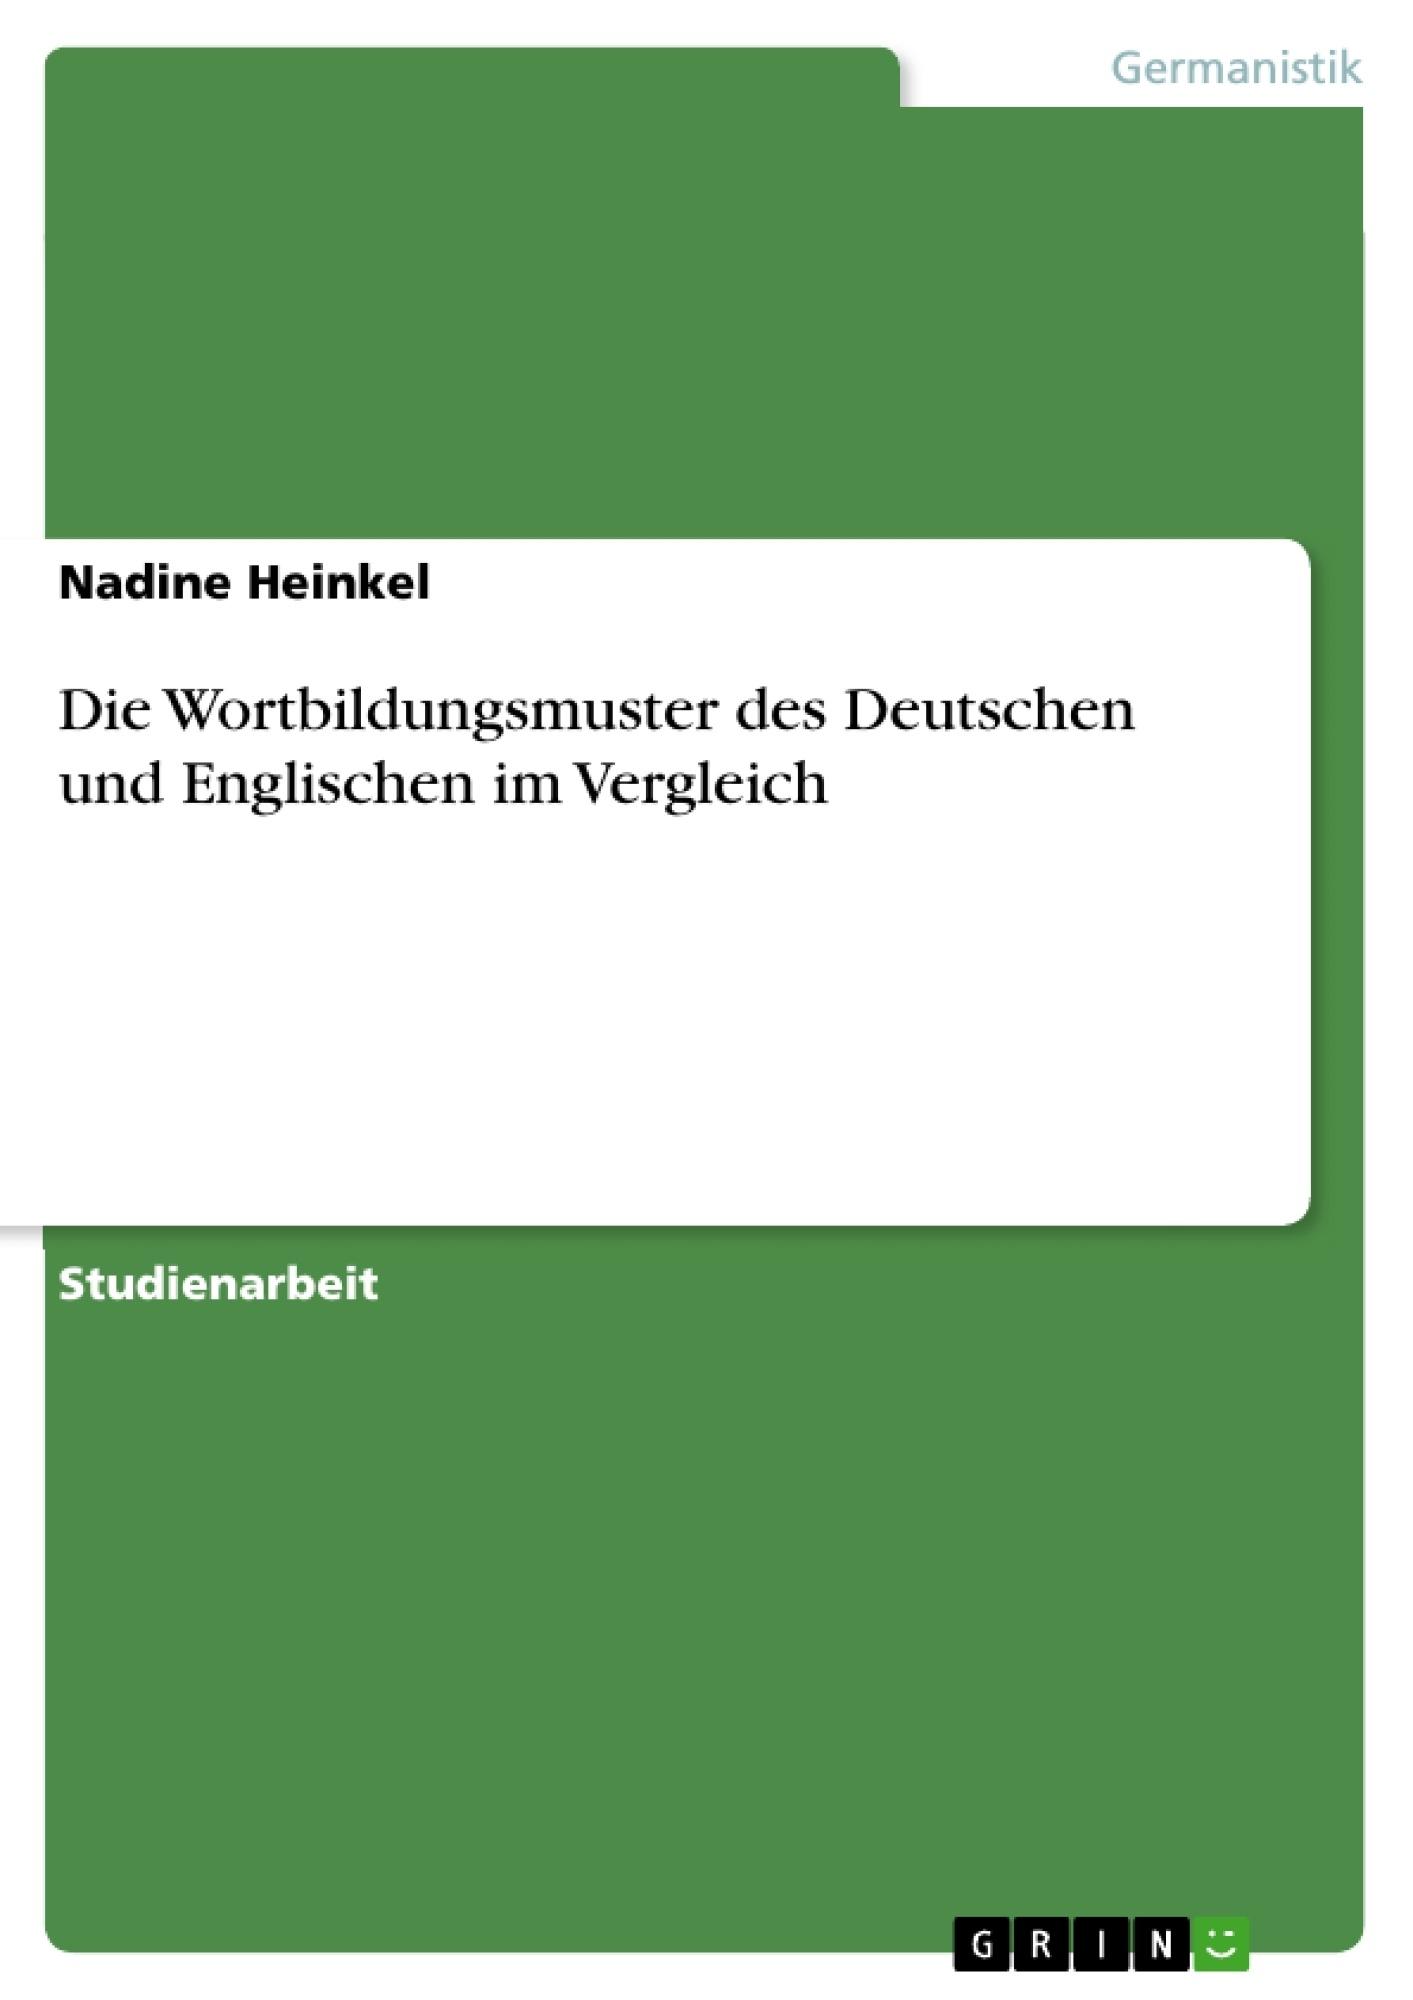 Titel: Die Wortbildungsmuster des Deutschen und Englischen im Vergleich